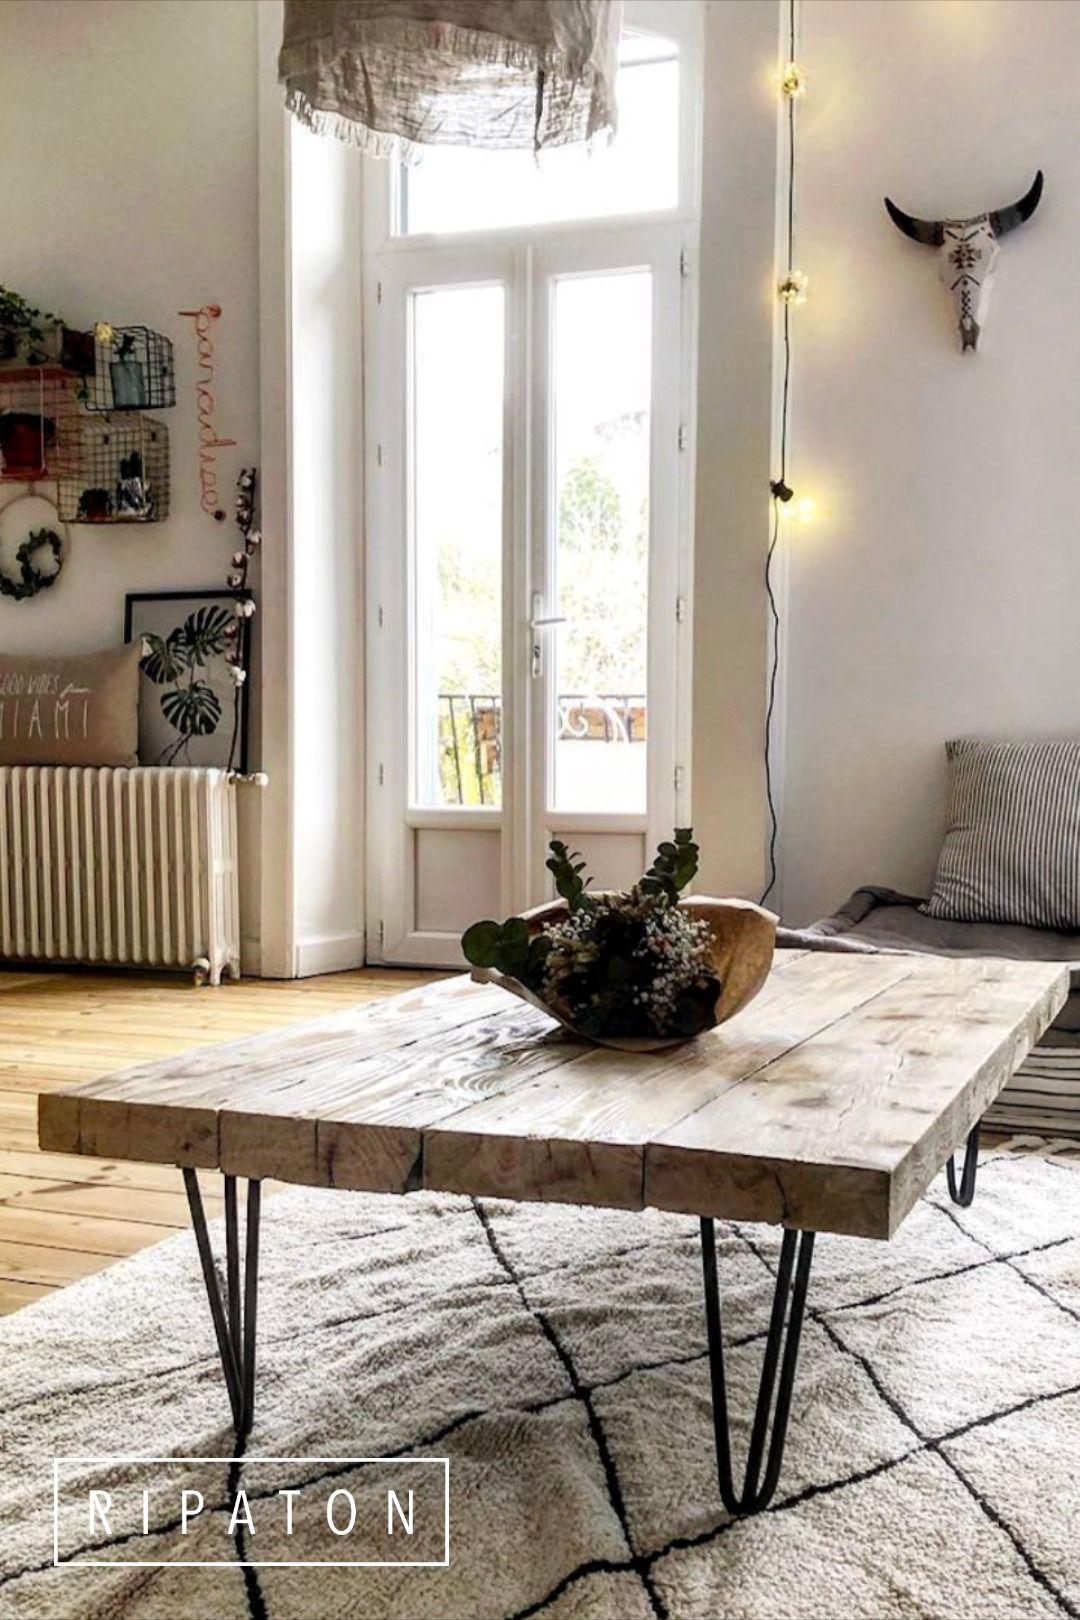 Realisez Votre Table Basse Diy Tables Basses Faites Maison Deco Maison Idee Table Basse